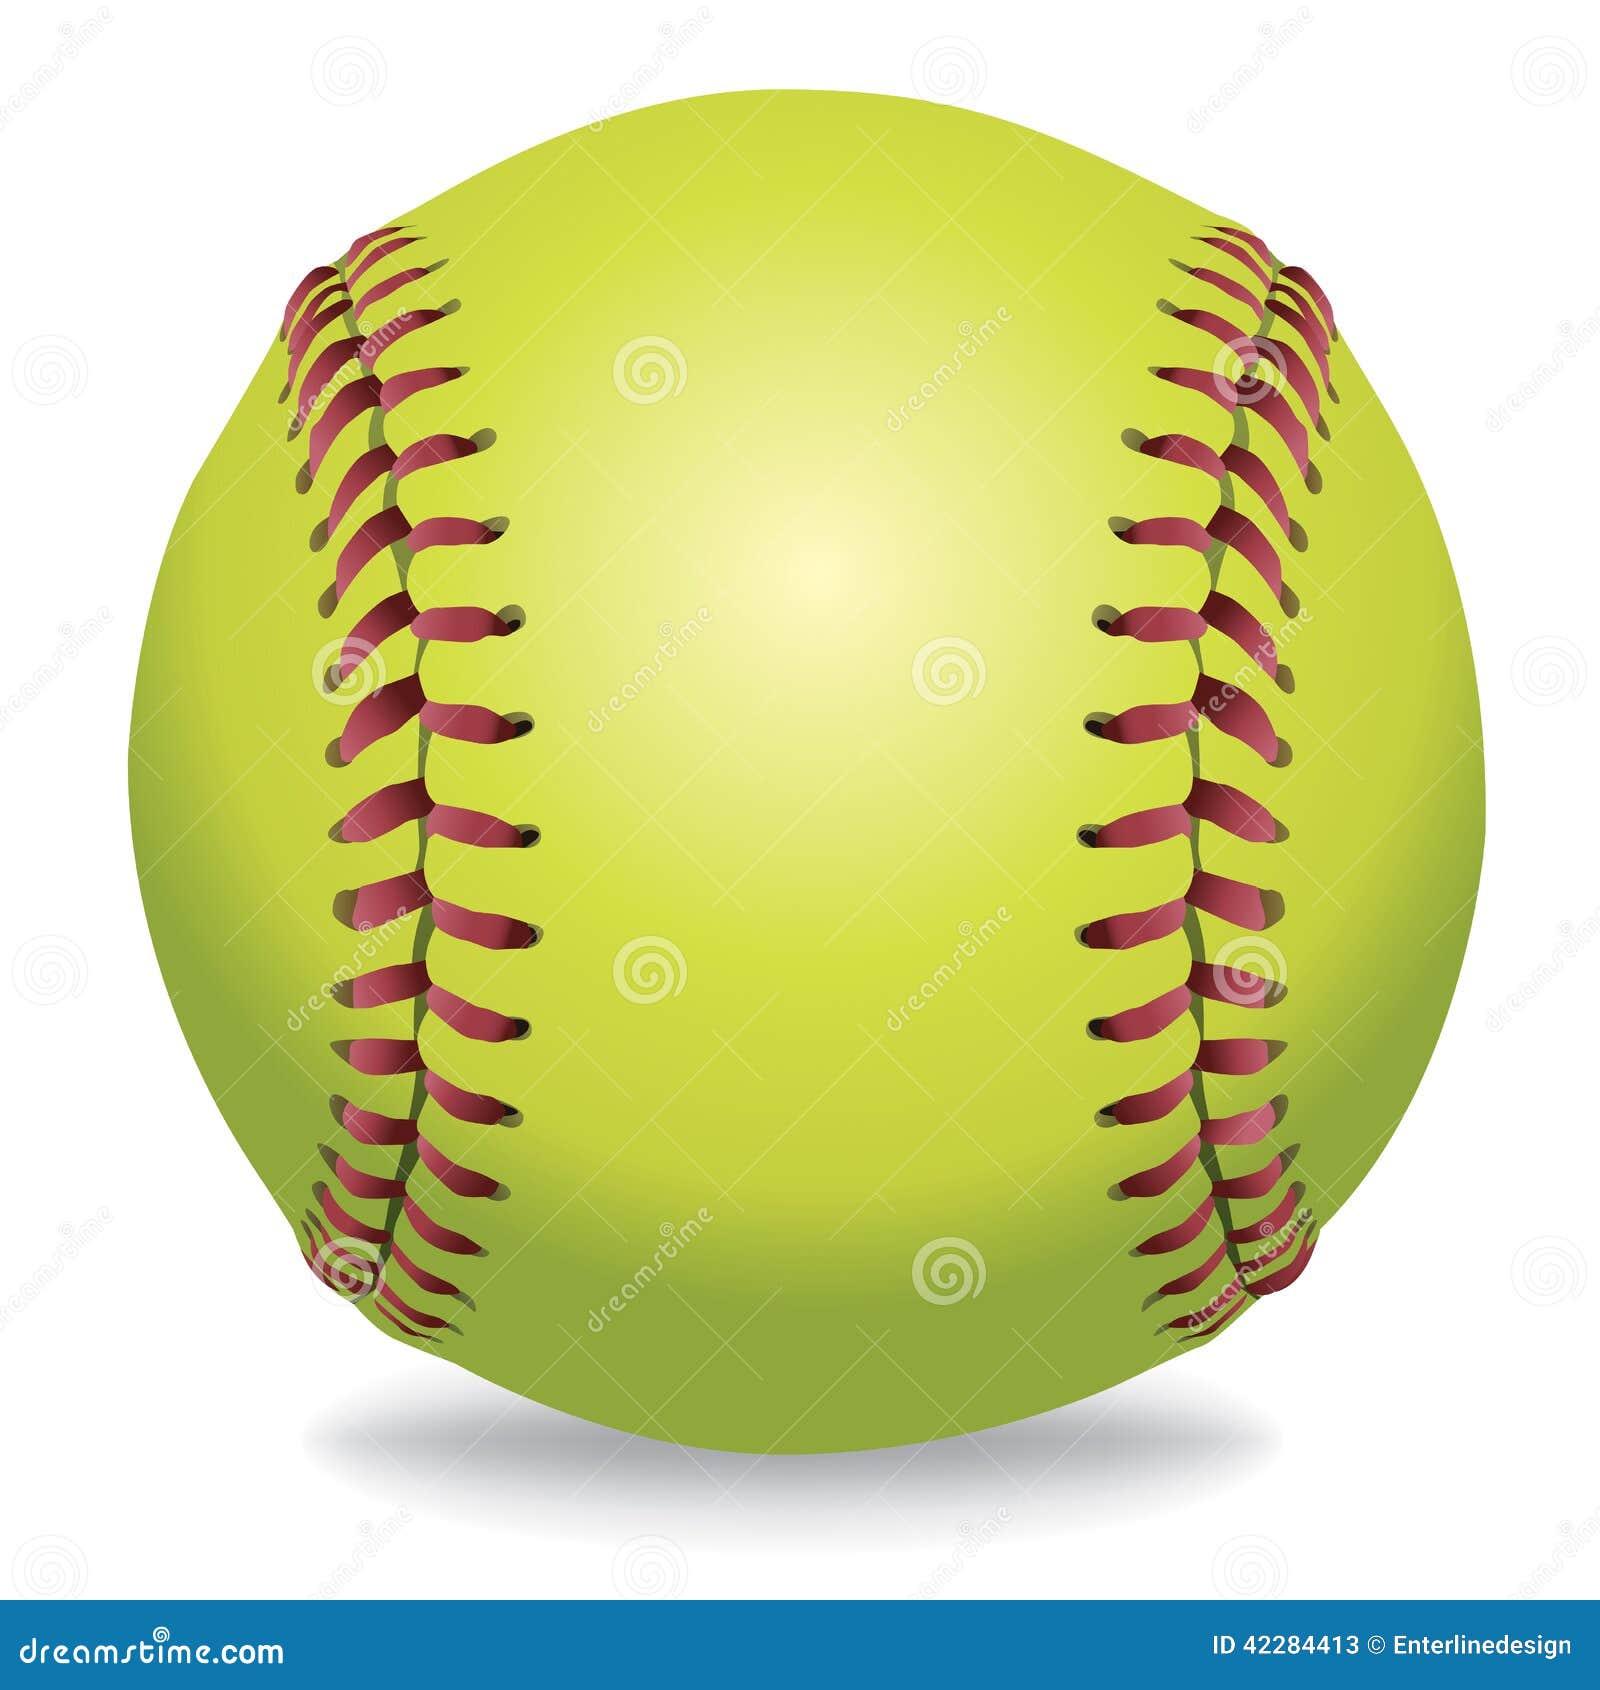 softball stock illustrations 4 896 softball stock illustrations rh dreamstime com clip art football kits clip art footballer